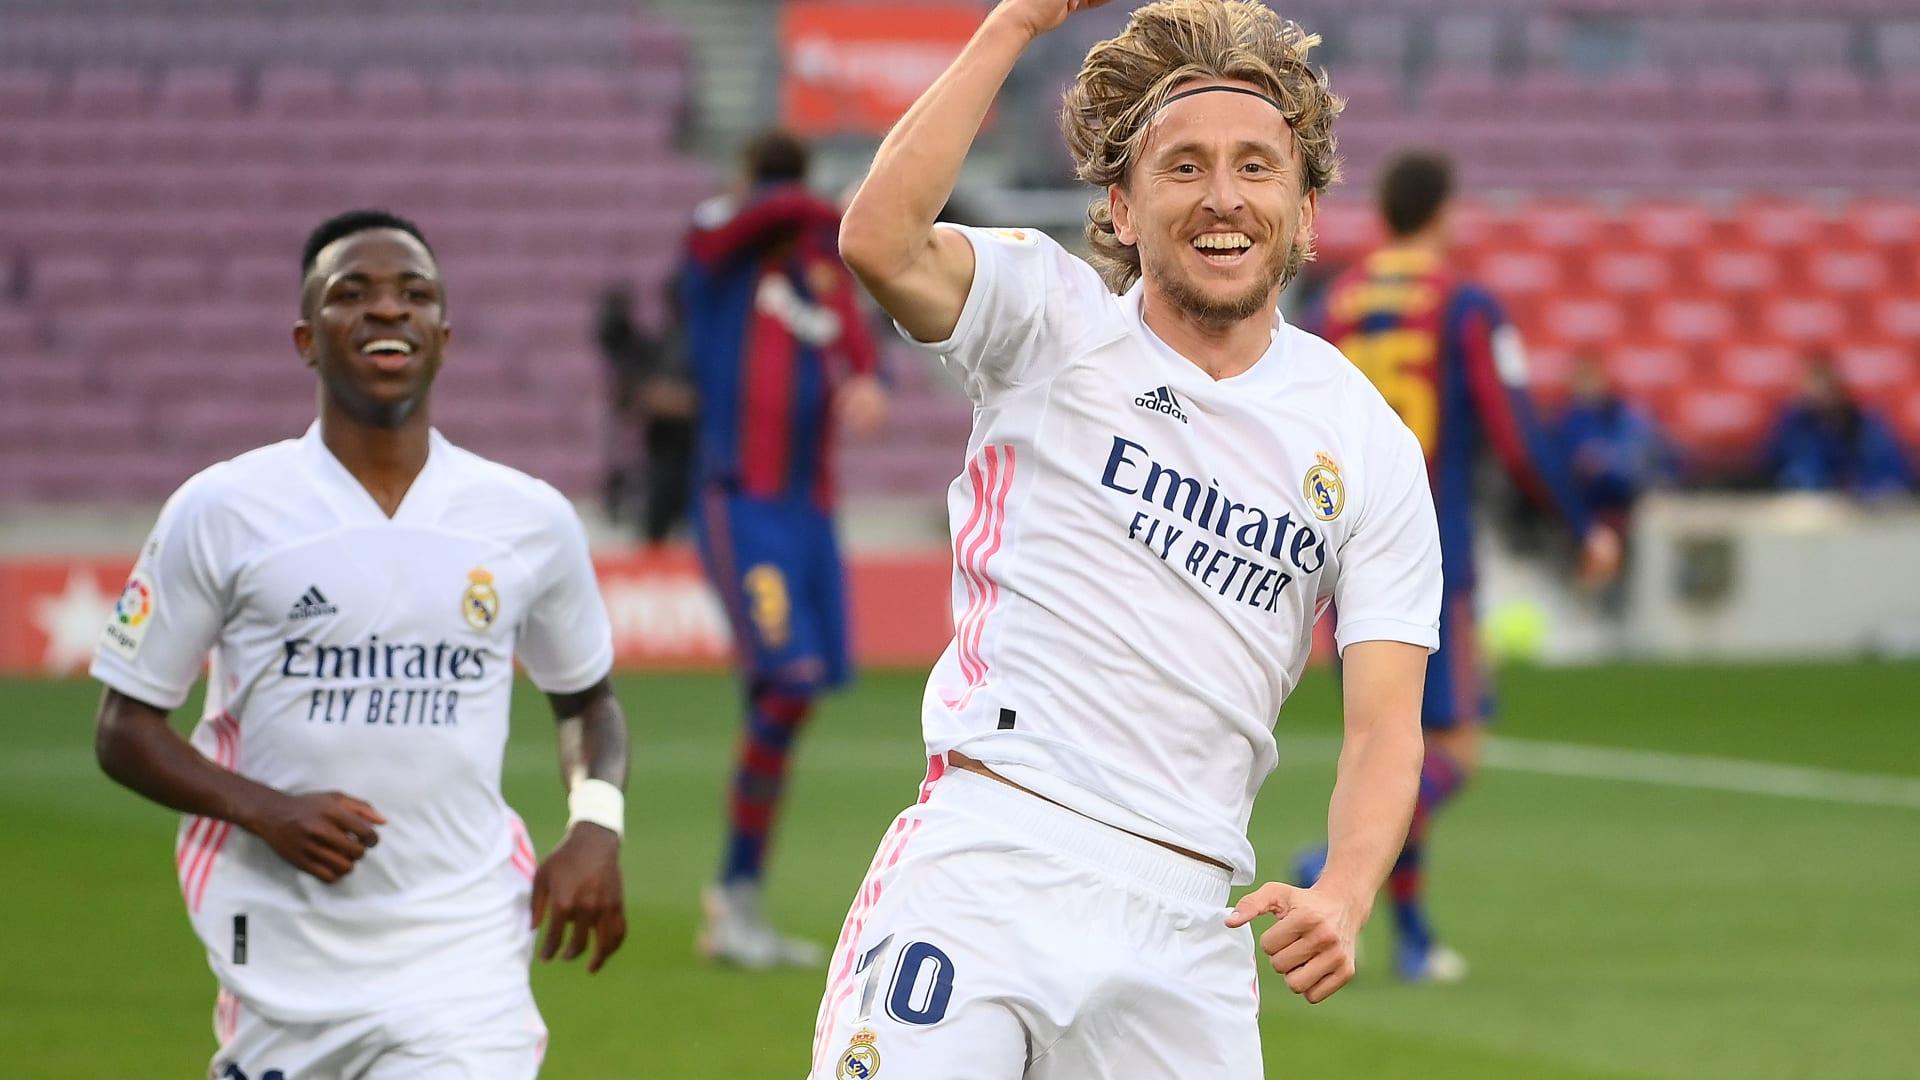 ريال مدريد يفوز على برشلونة في عقر داره بثلاثة أهداف مقابل هدف